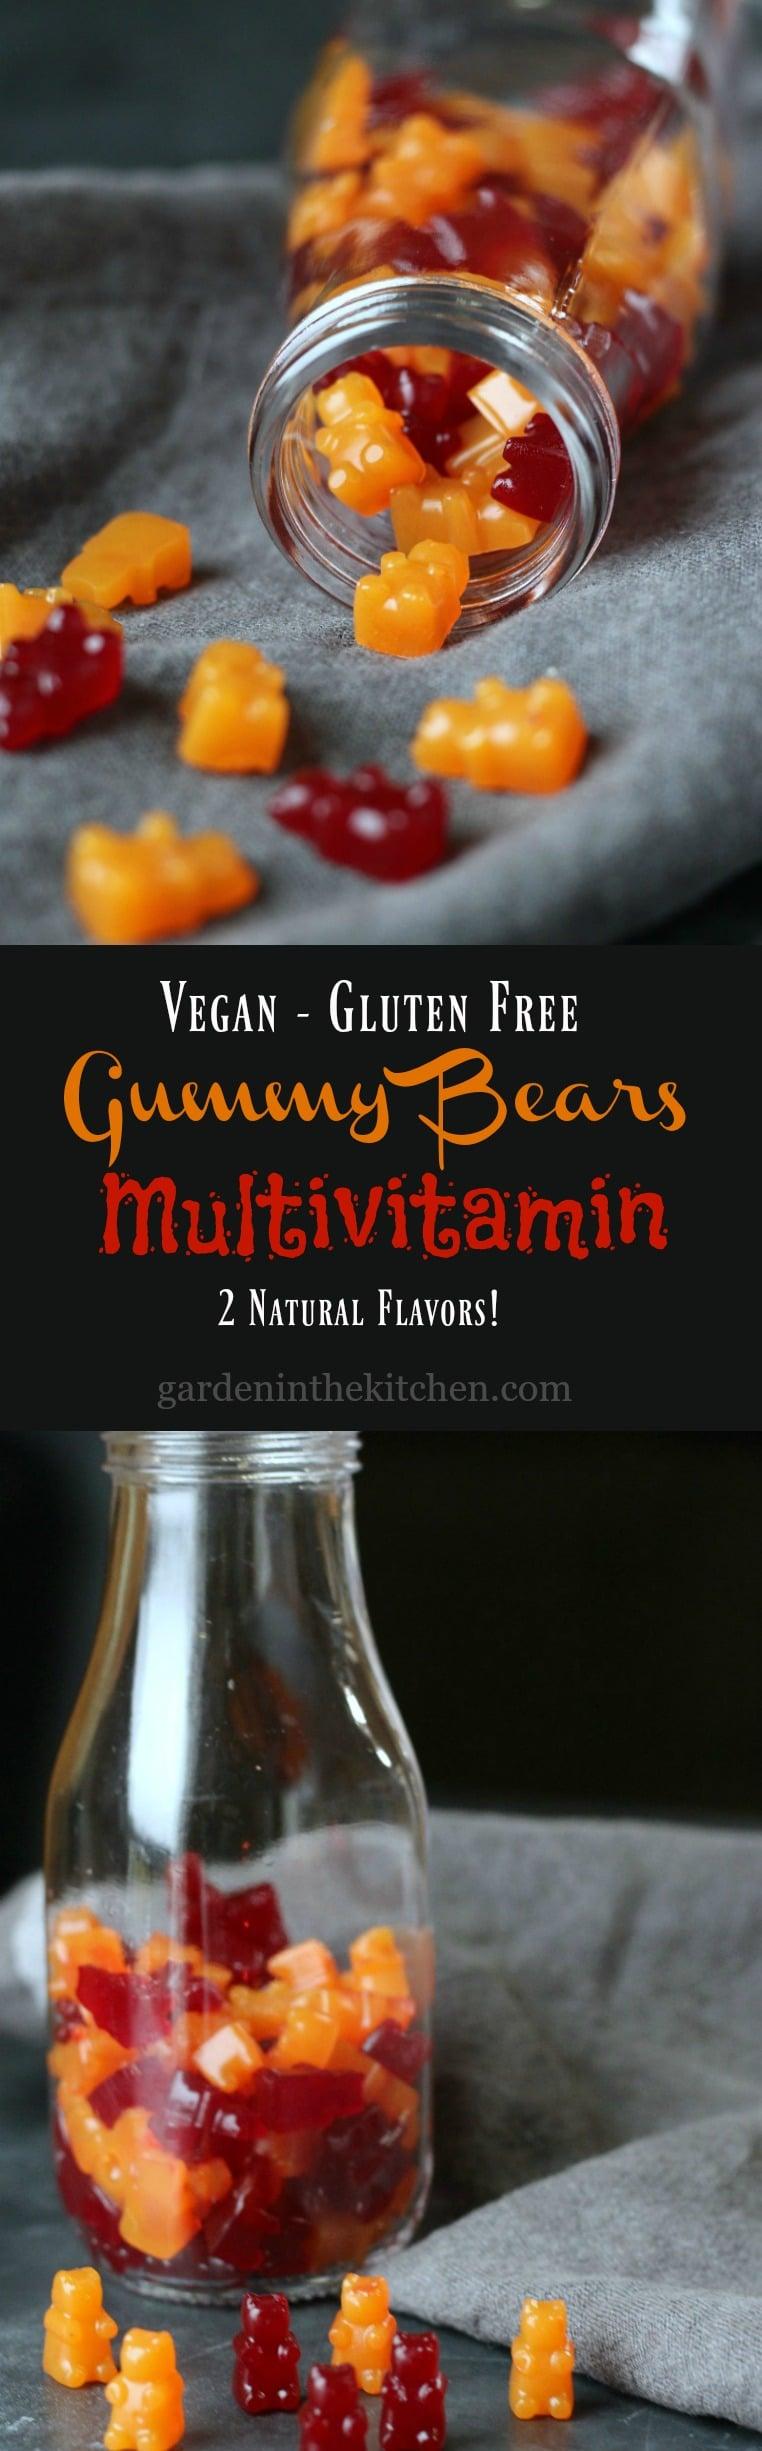 Gummy Bears Multivitamin (Vegn, Gluten-free) | gardeninthekitchen.com